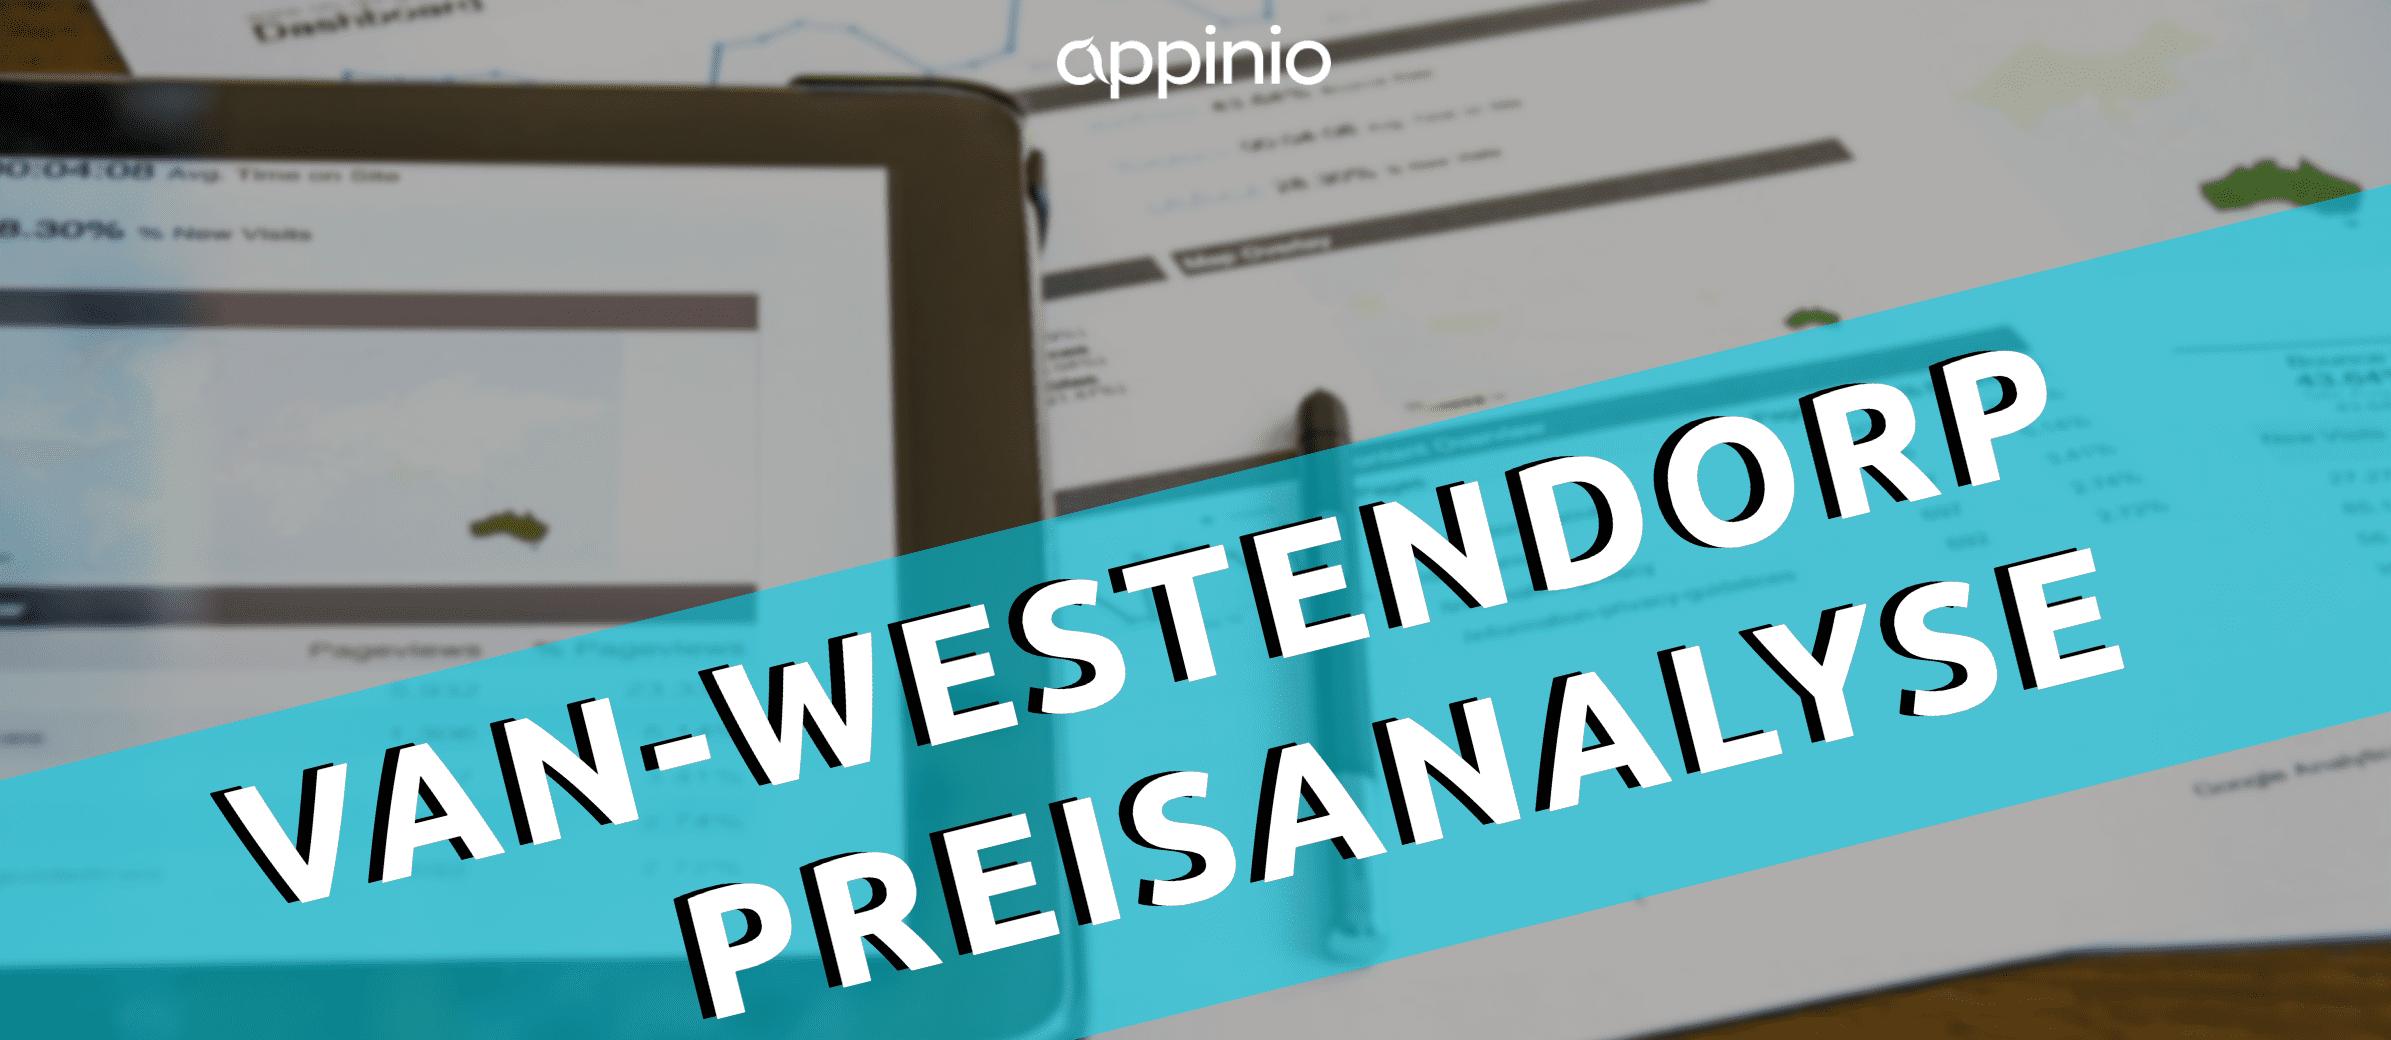 Van-Westendorp-Methode zur Bestimmung von Preisbereitschaft und Preissensibilität